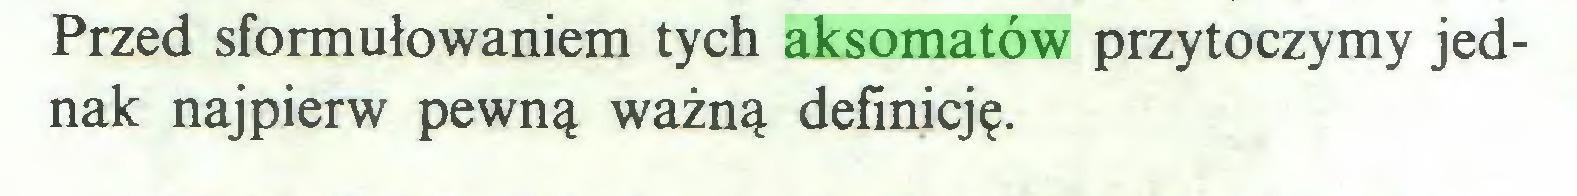 (...) Przed sformułowaniem tych aksomatów przytoczymy jednak najpierw pewną ważną definicję...